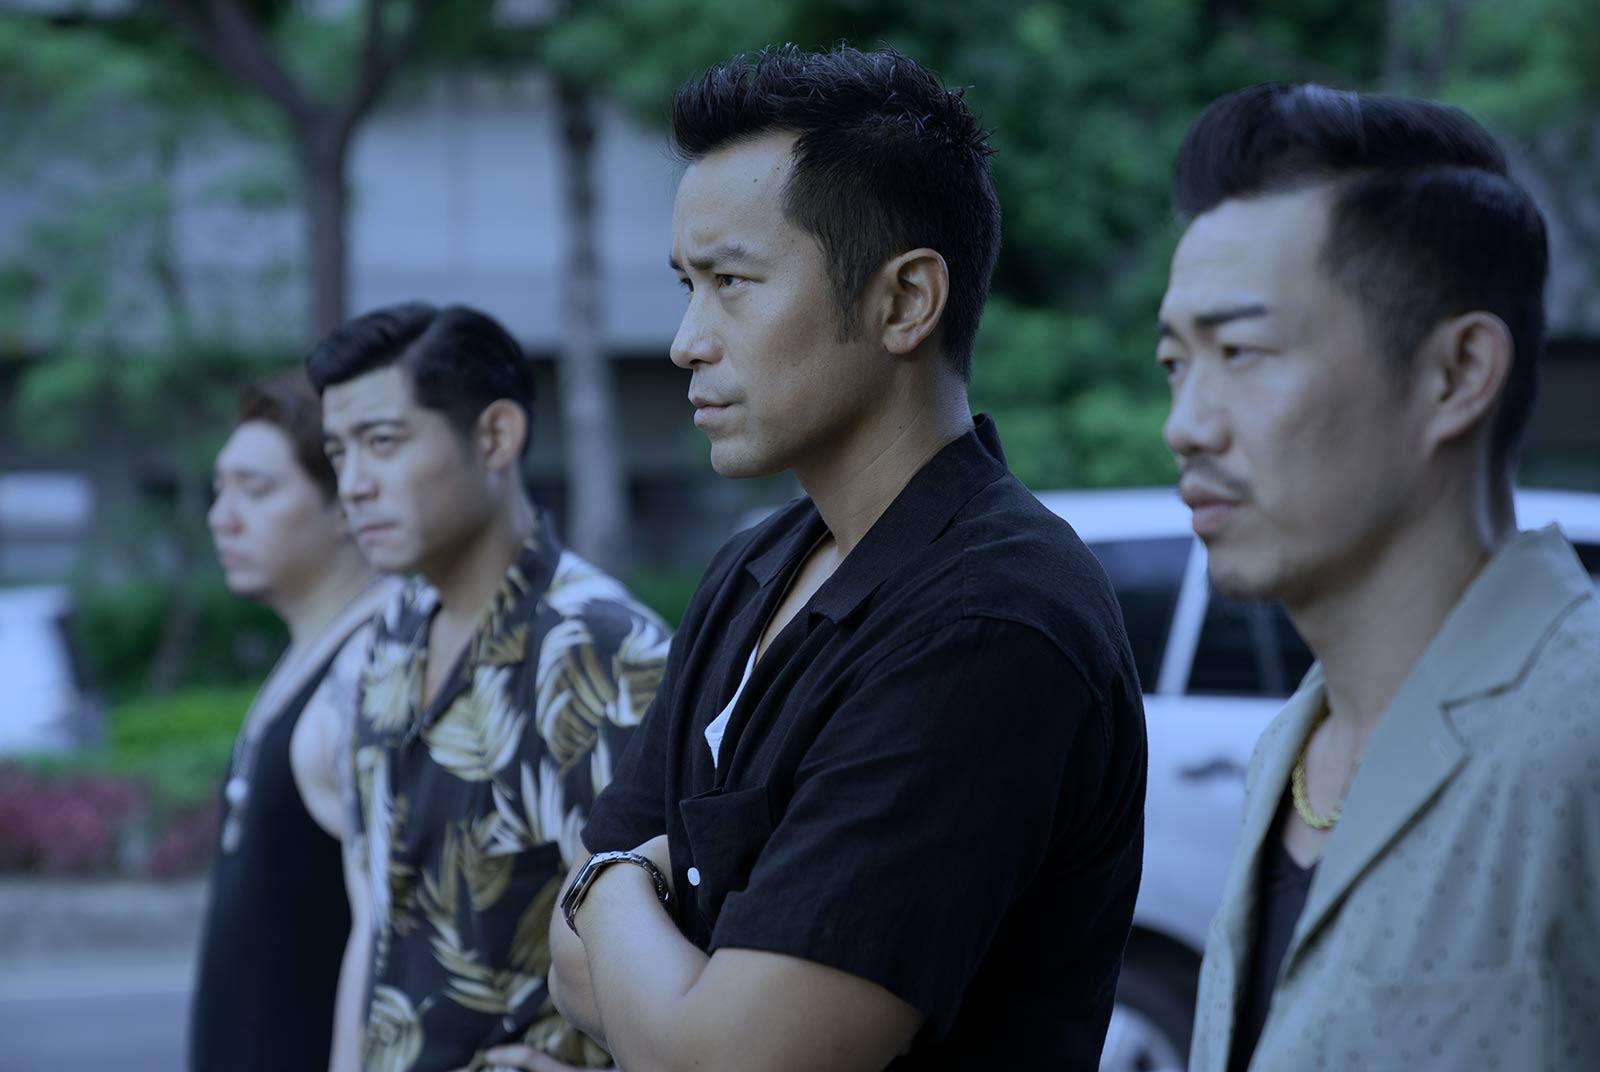 身為Netflix首部華語原創影集,『罪夢者』規格自然不言而喻